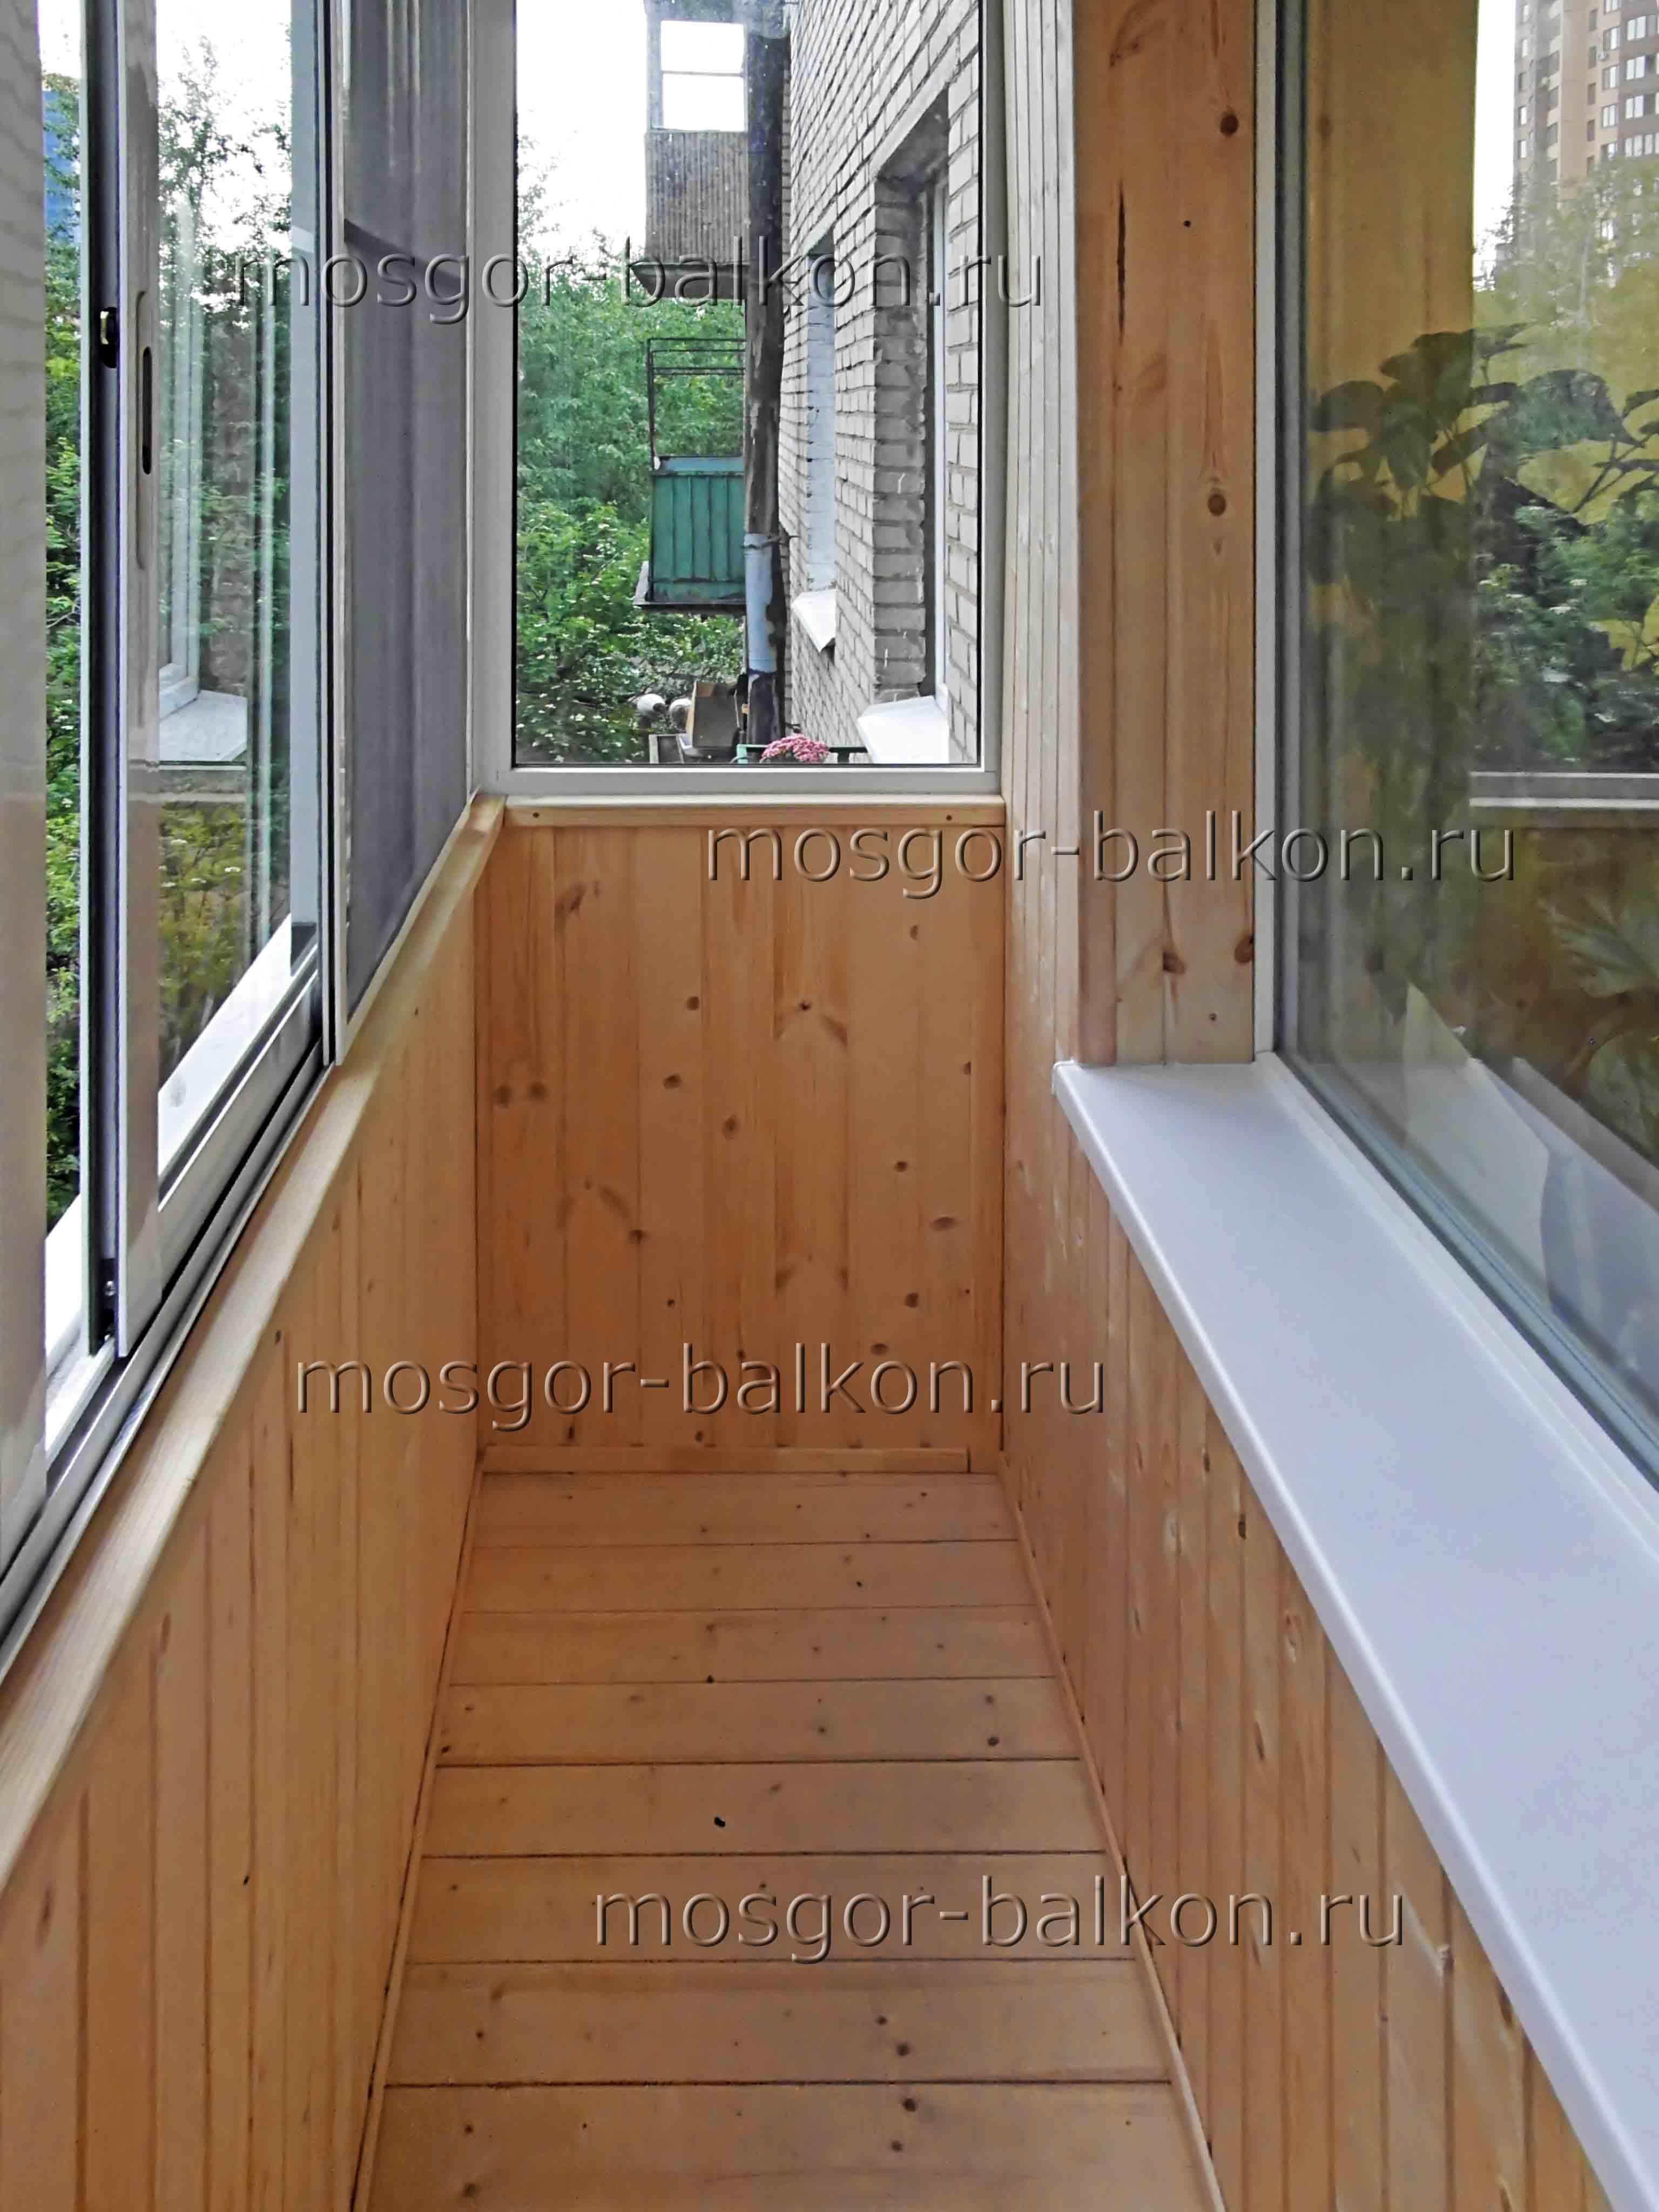 Невысокая цена отделки балкона под ключ. отделка балкона цен.